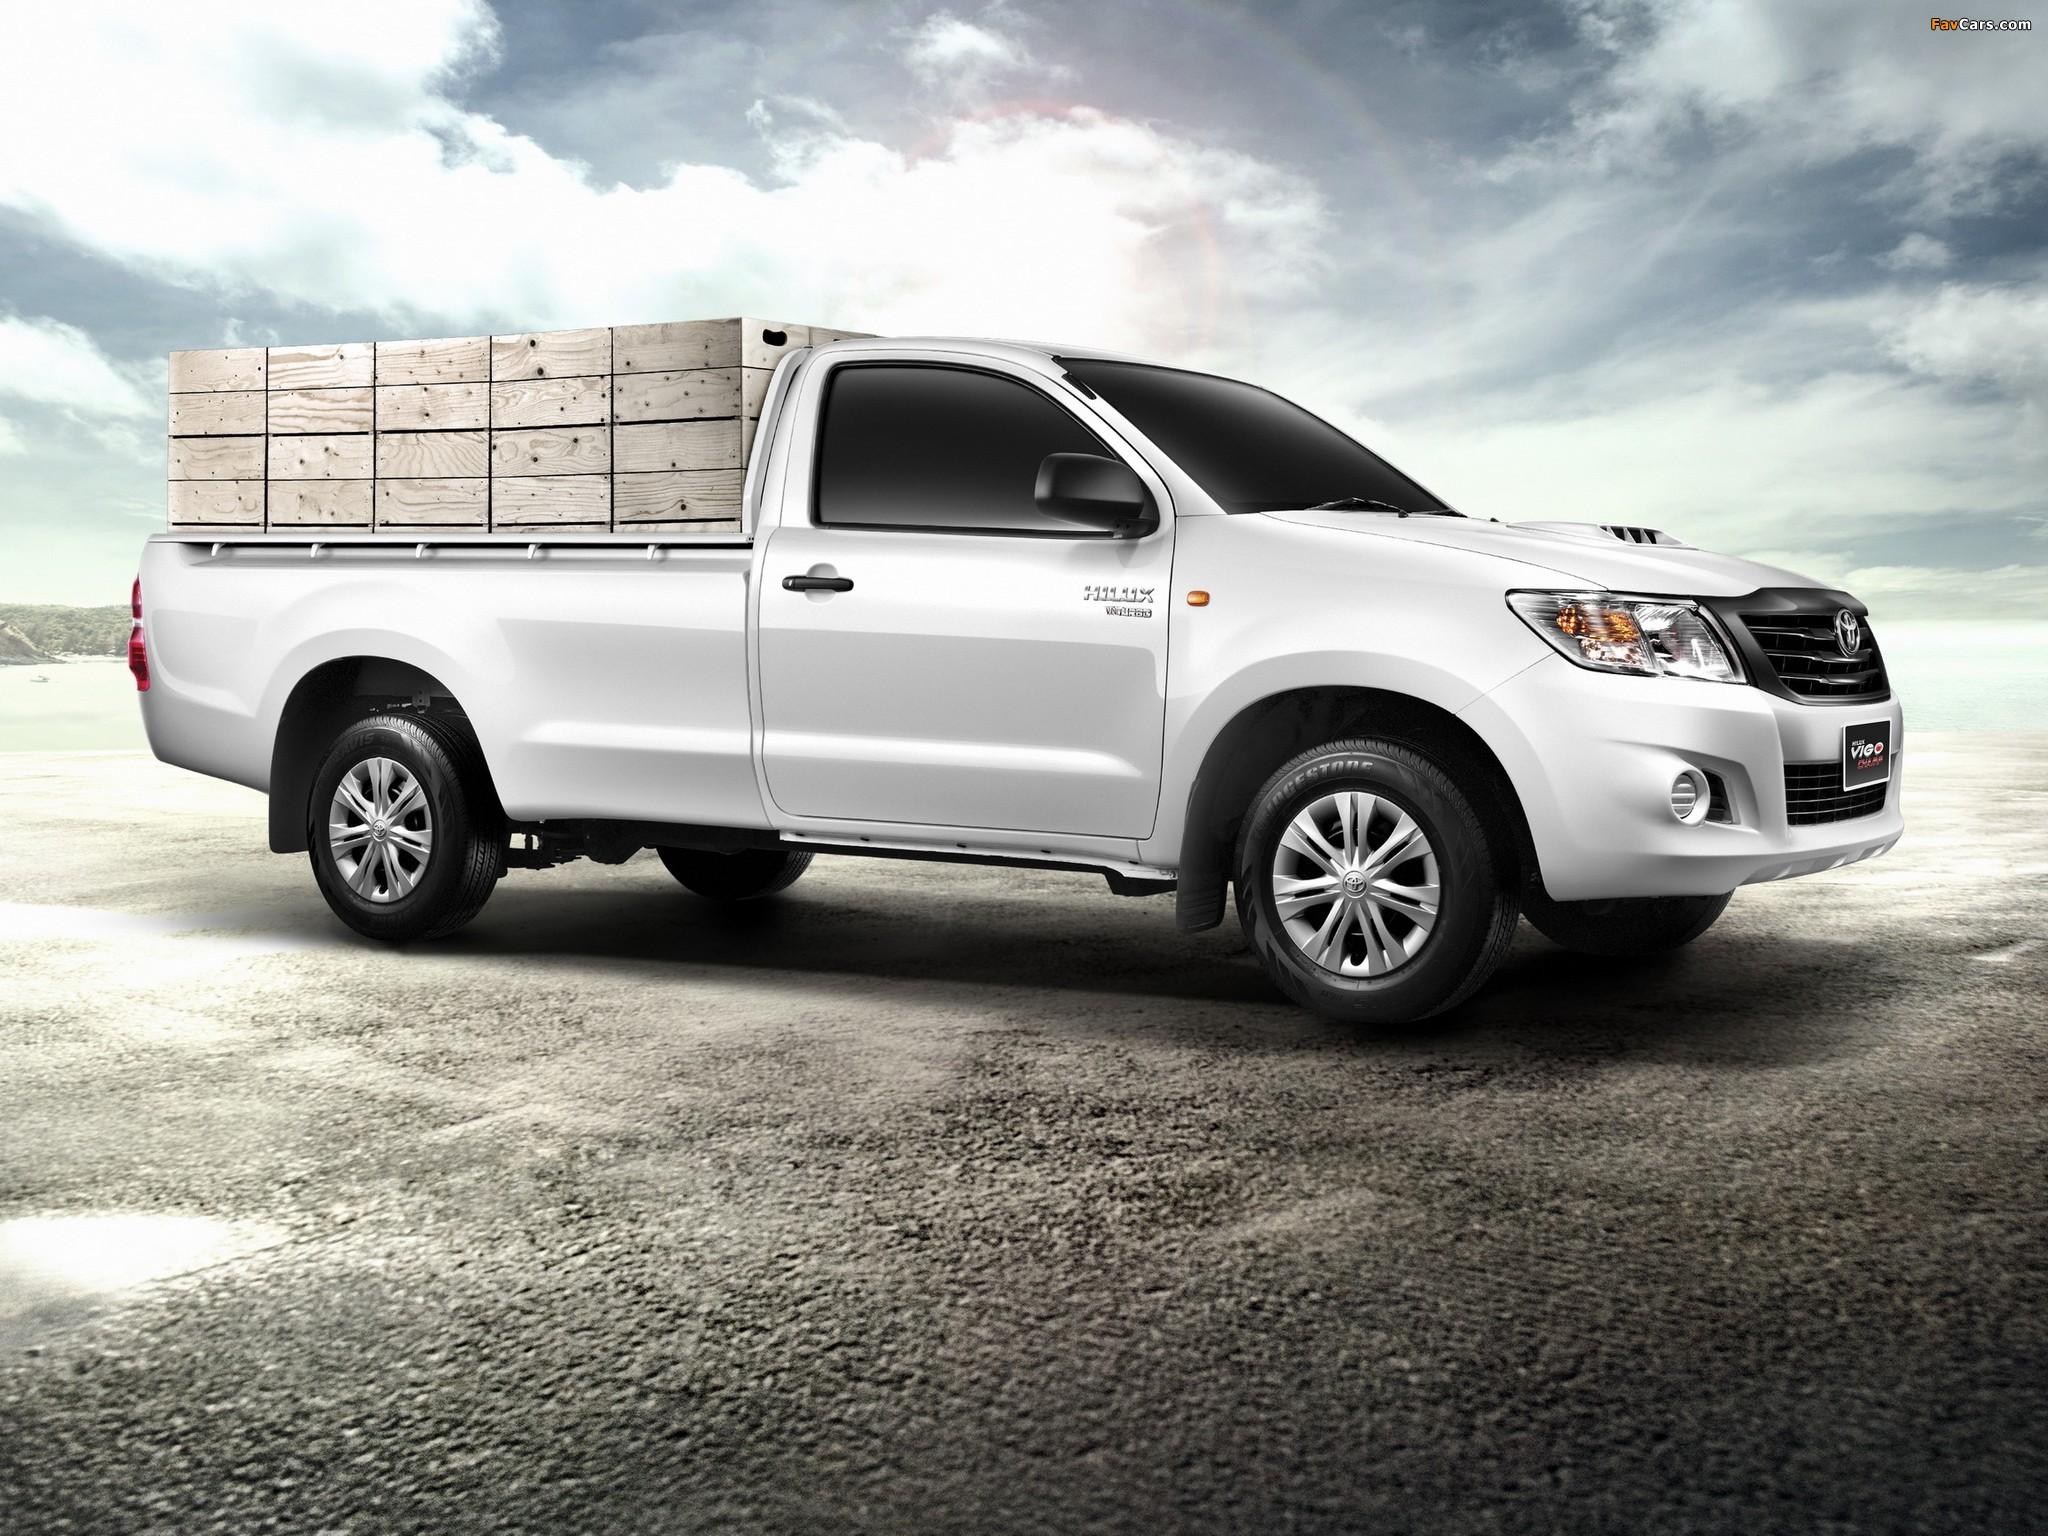 2014 toyota tacoma vigo thailand new car release and price 2012 autos weblog. Black Bedroom Furniture Sets. Home Design Ideas